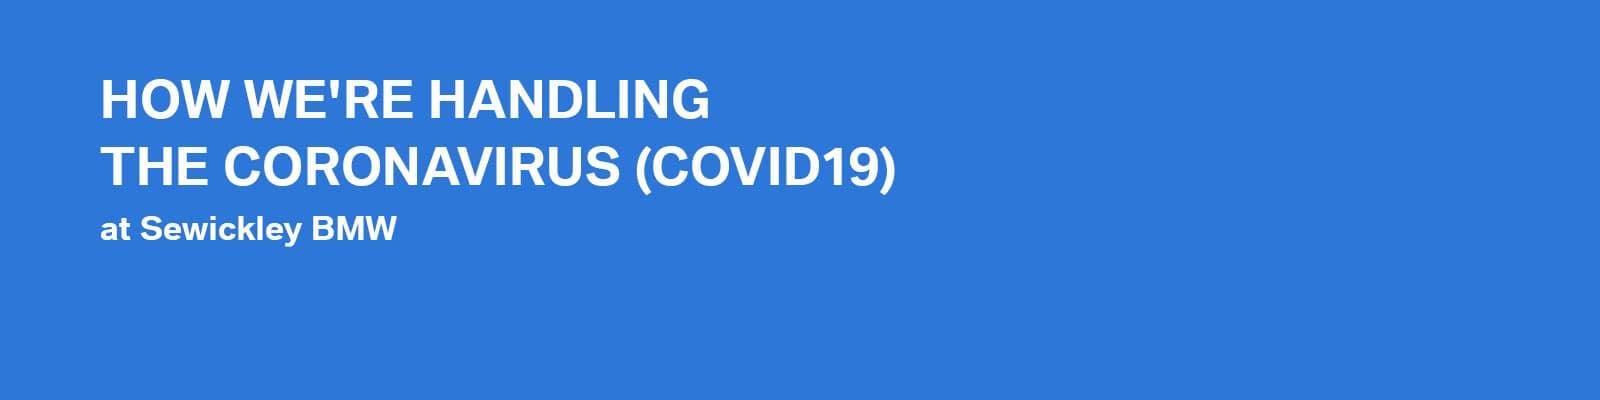 How We're Handling The Coronavirus (COVID19)